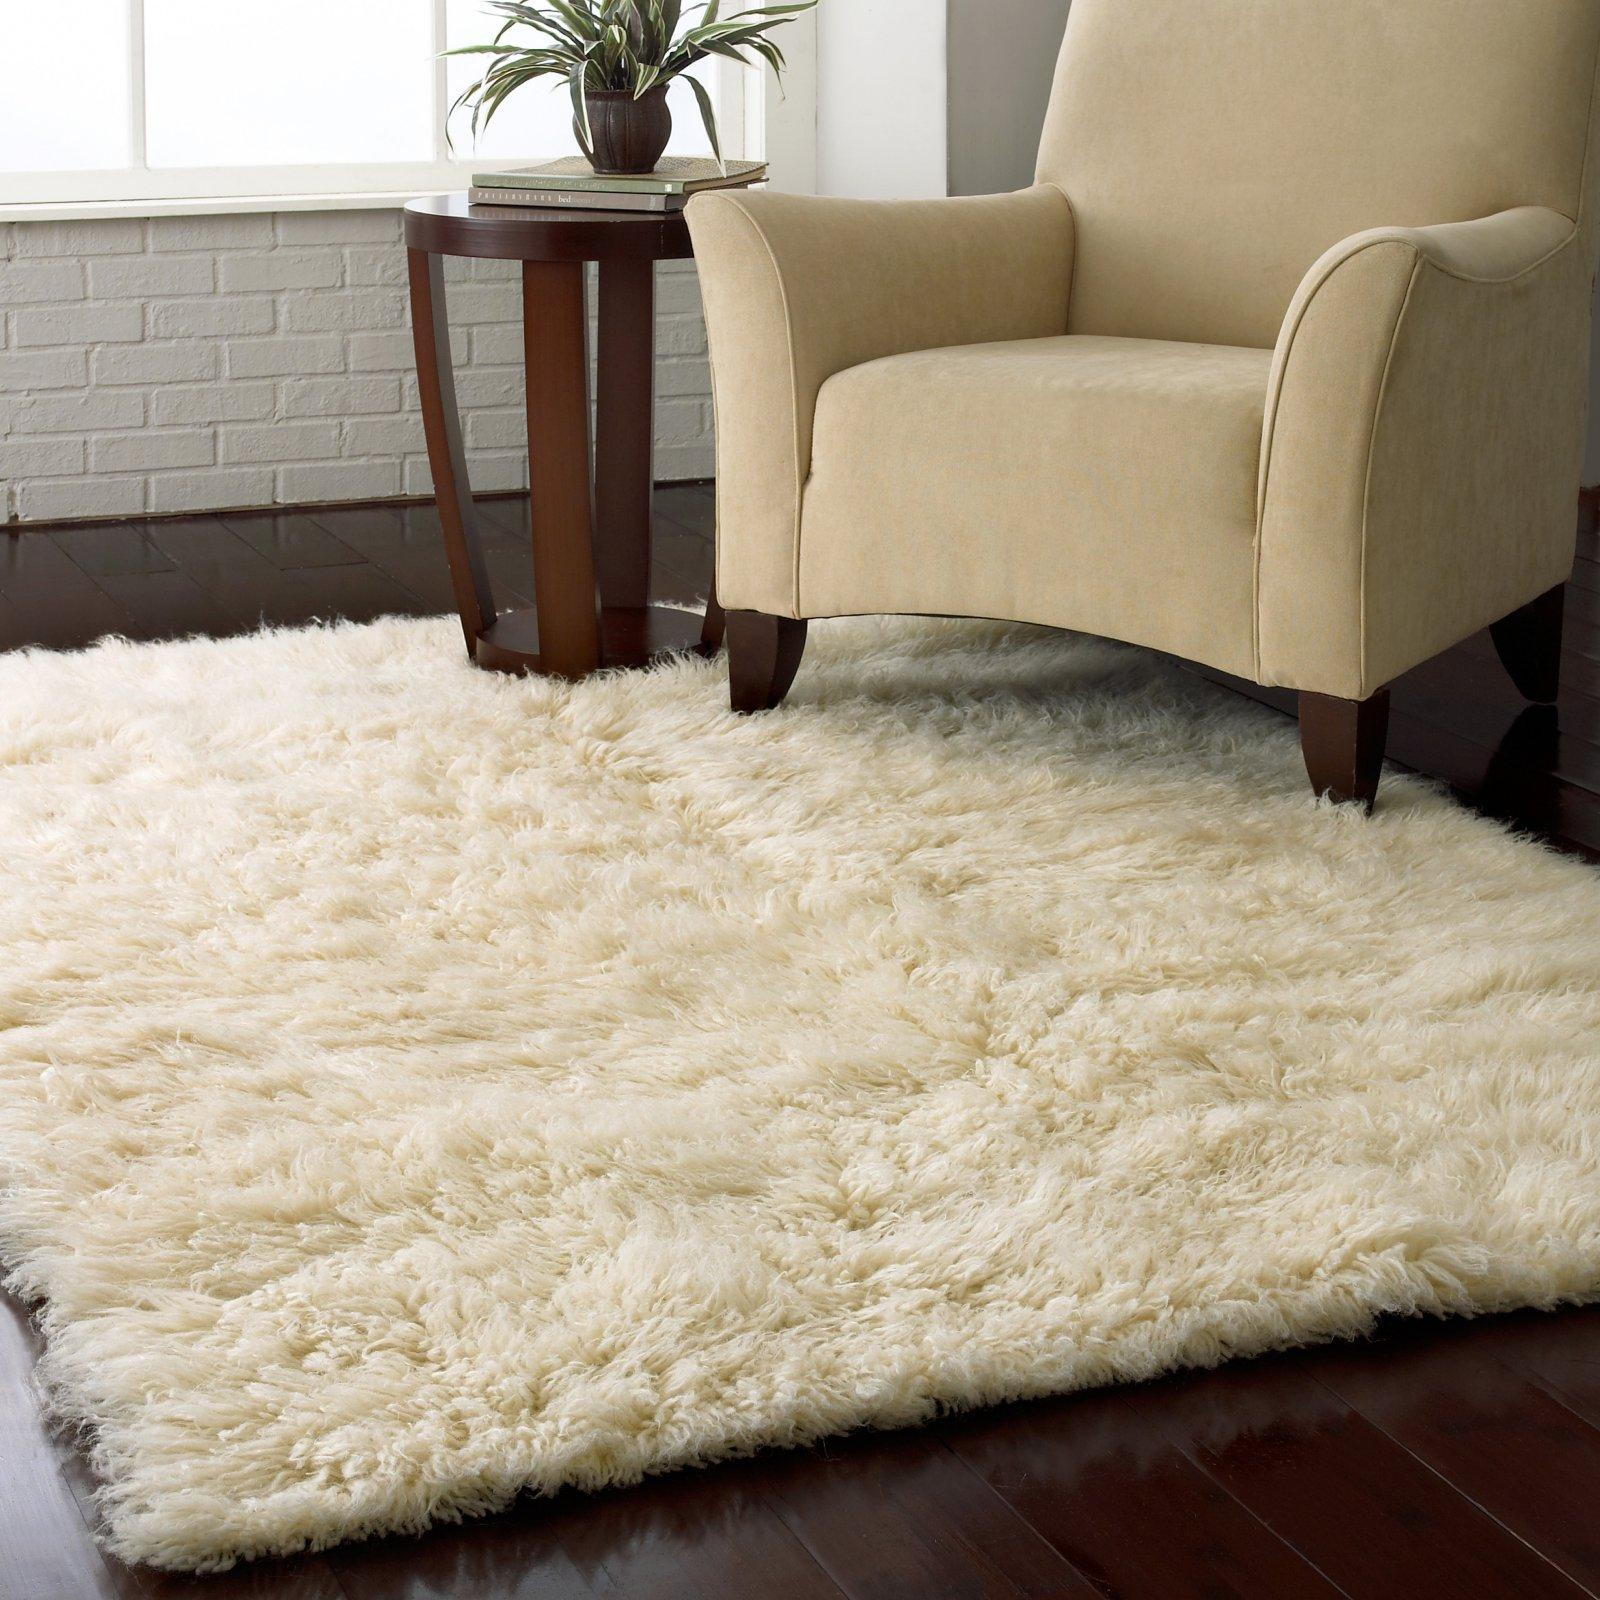 salle-de-sejour-blanche-tapis-shaggy-blanc-fauteuil-beige